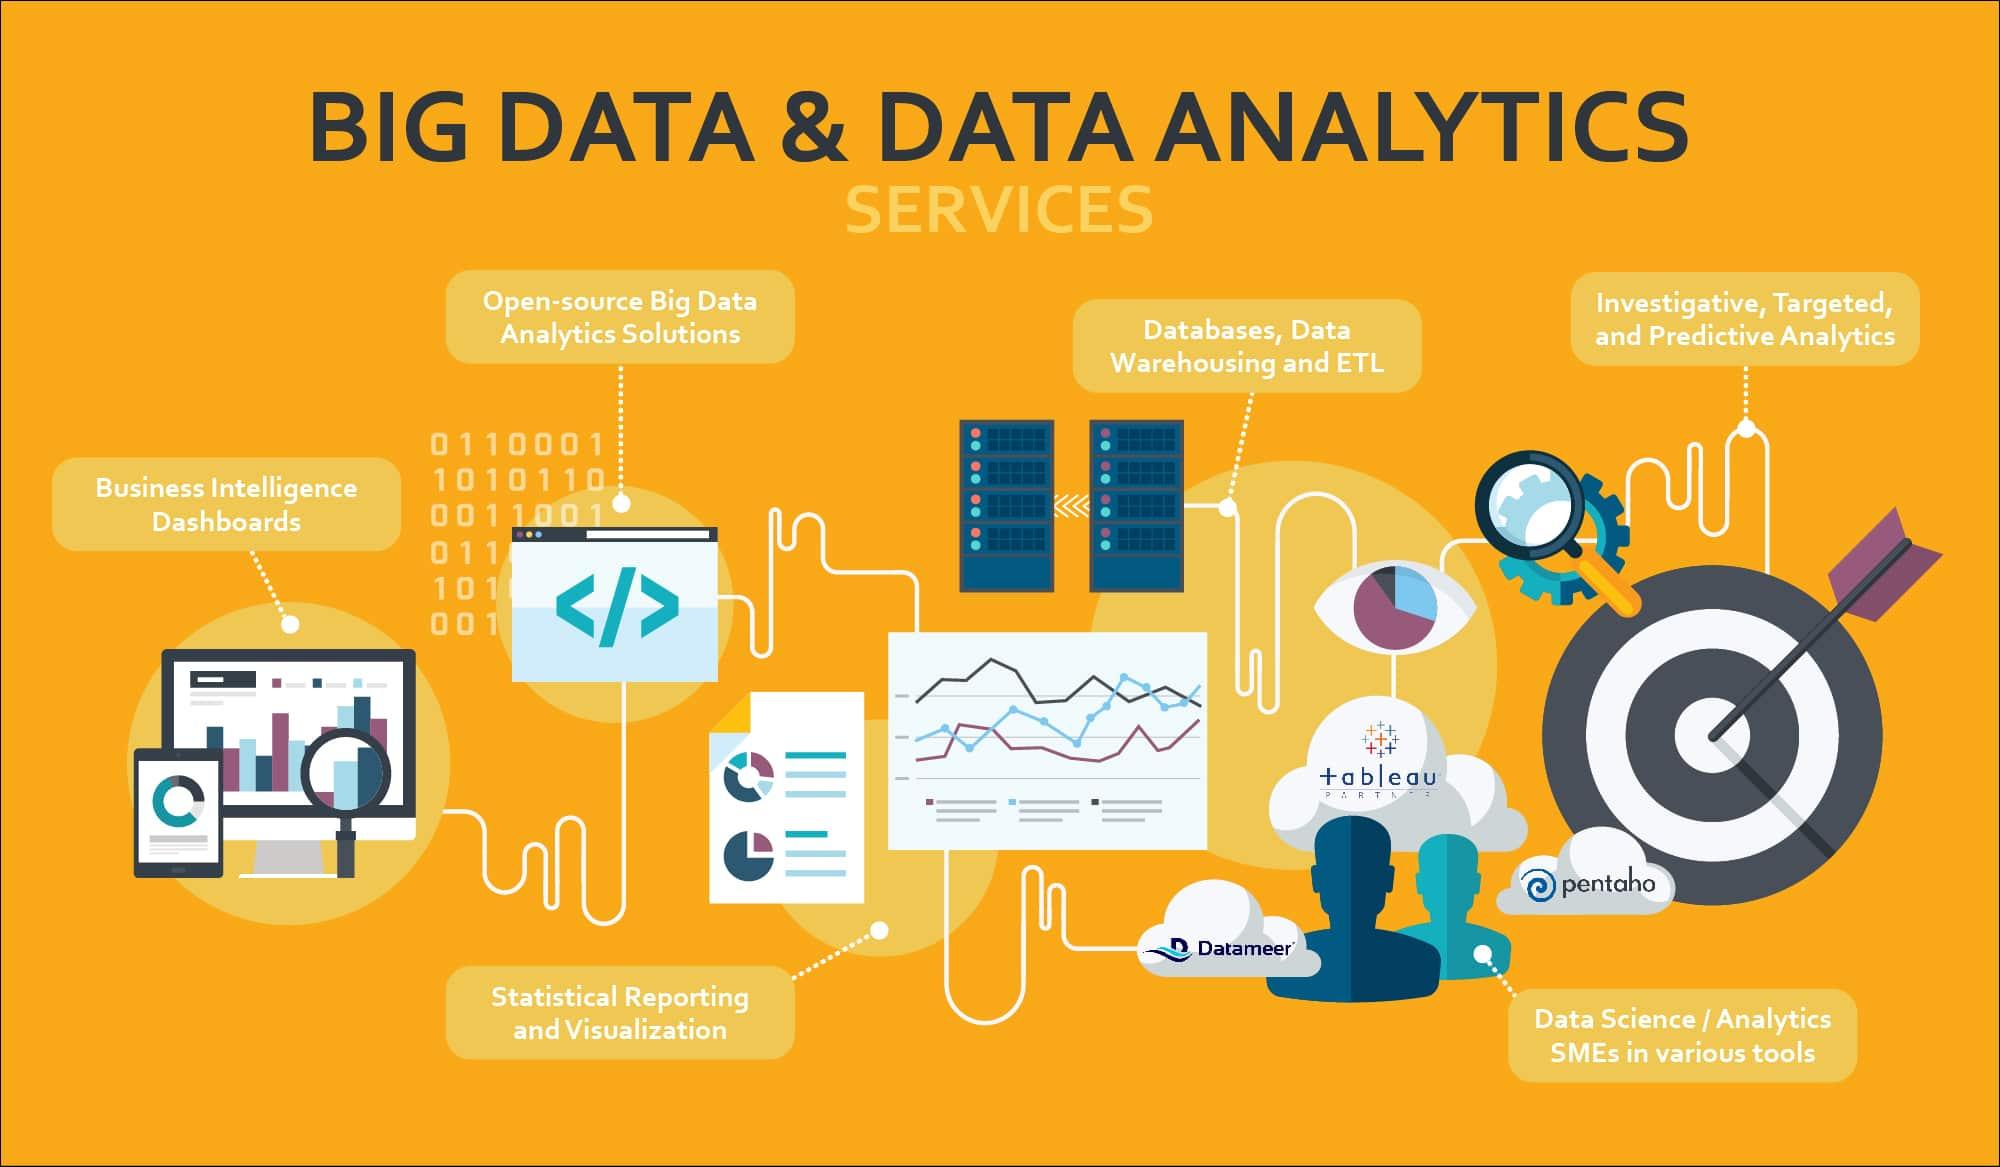 Big data analytics photo